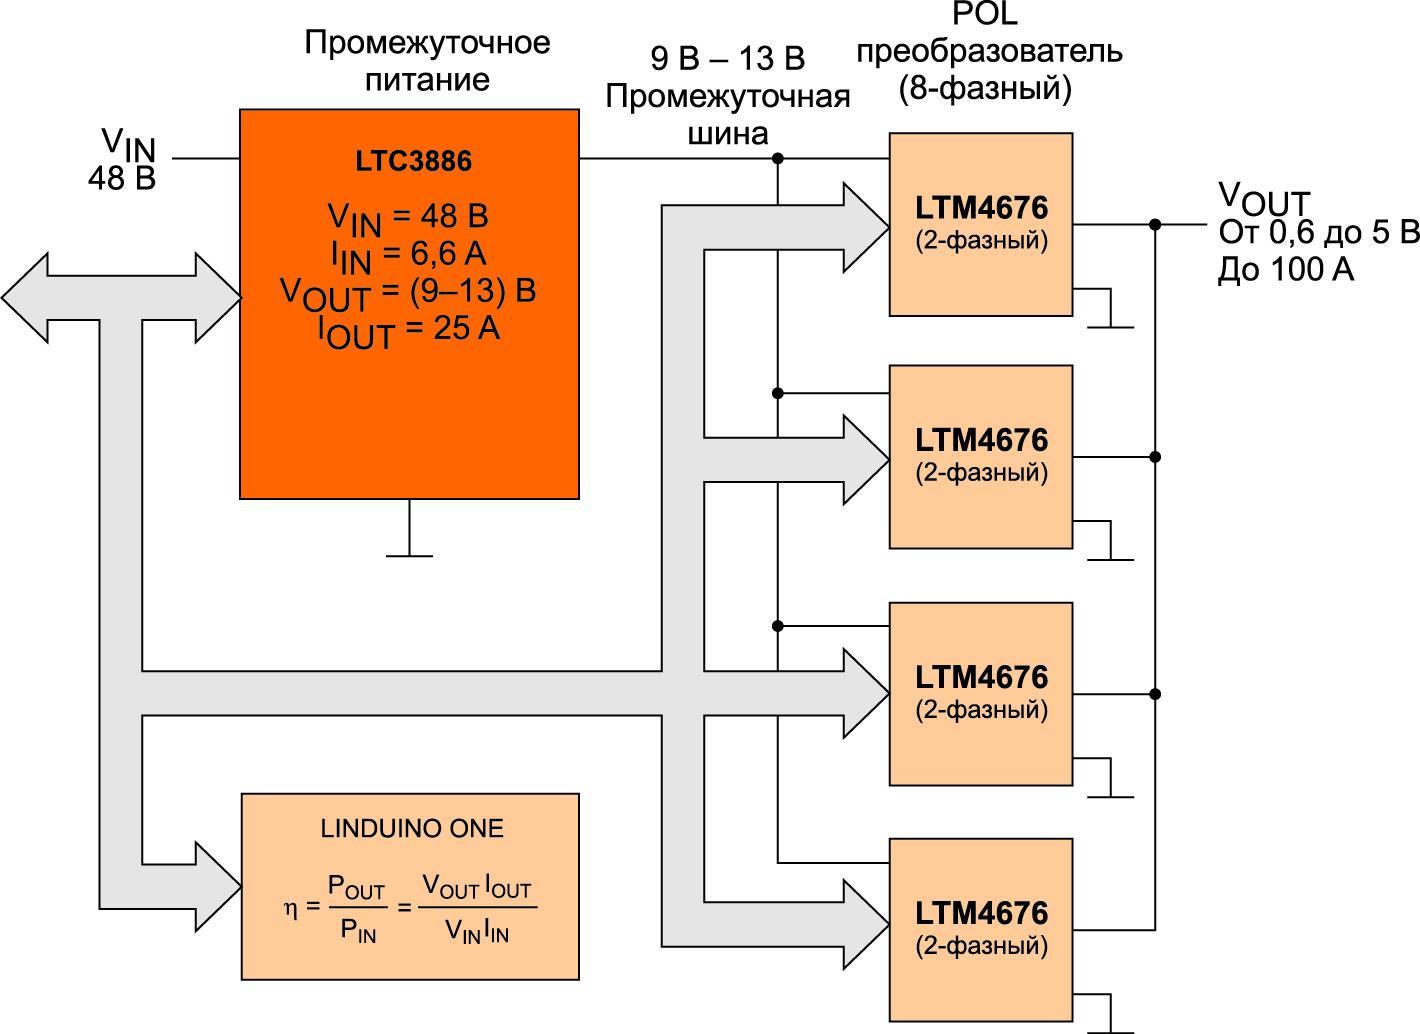 Демонстрационная схема с использованием платы Linduino для измерения и расчетов общей эффективност системы